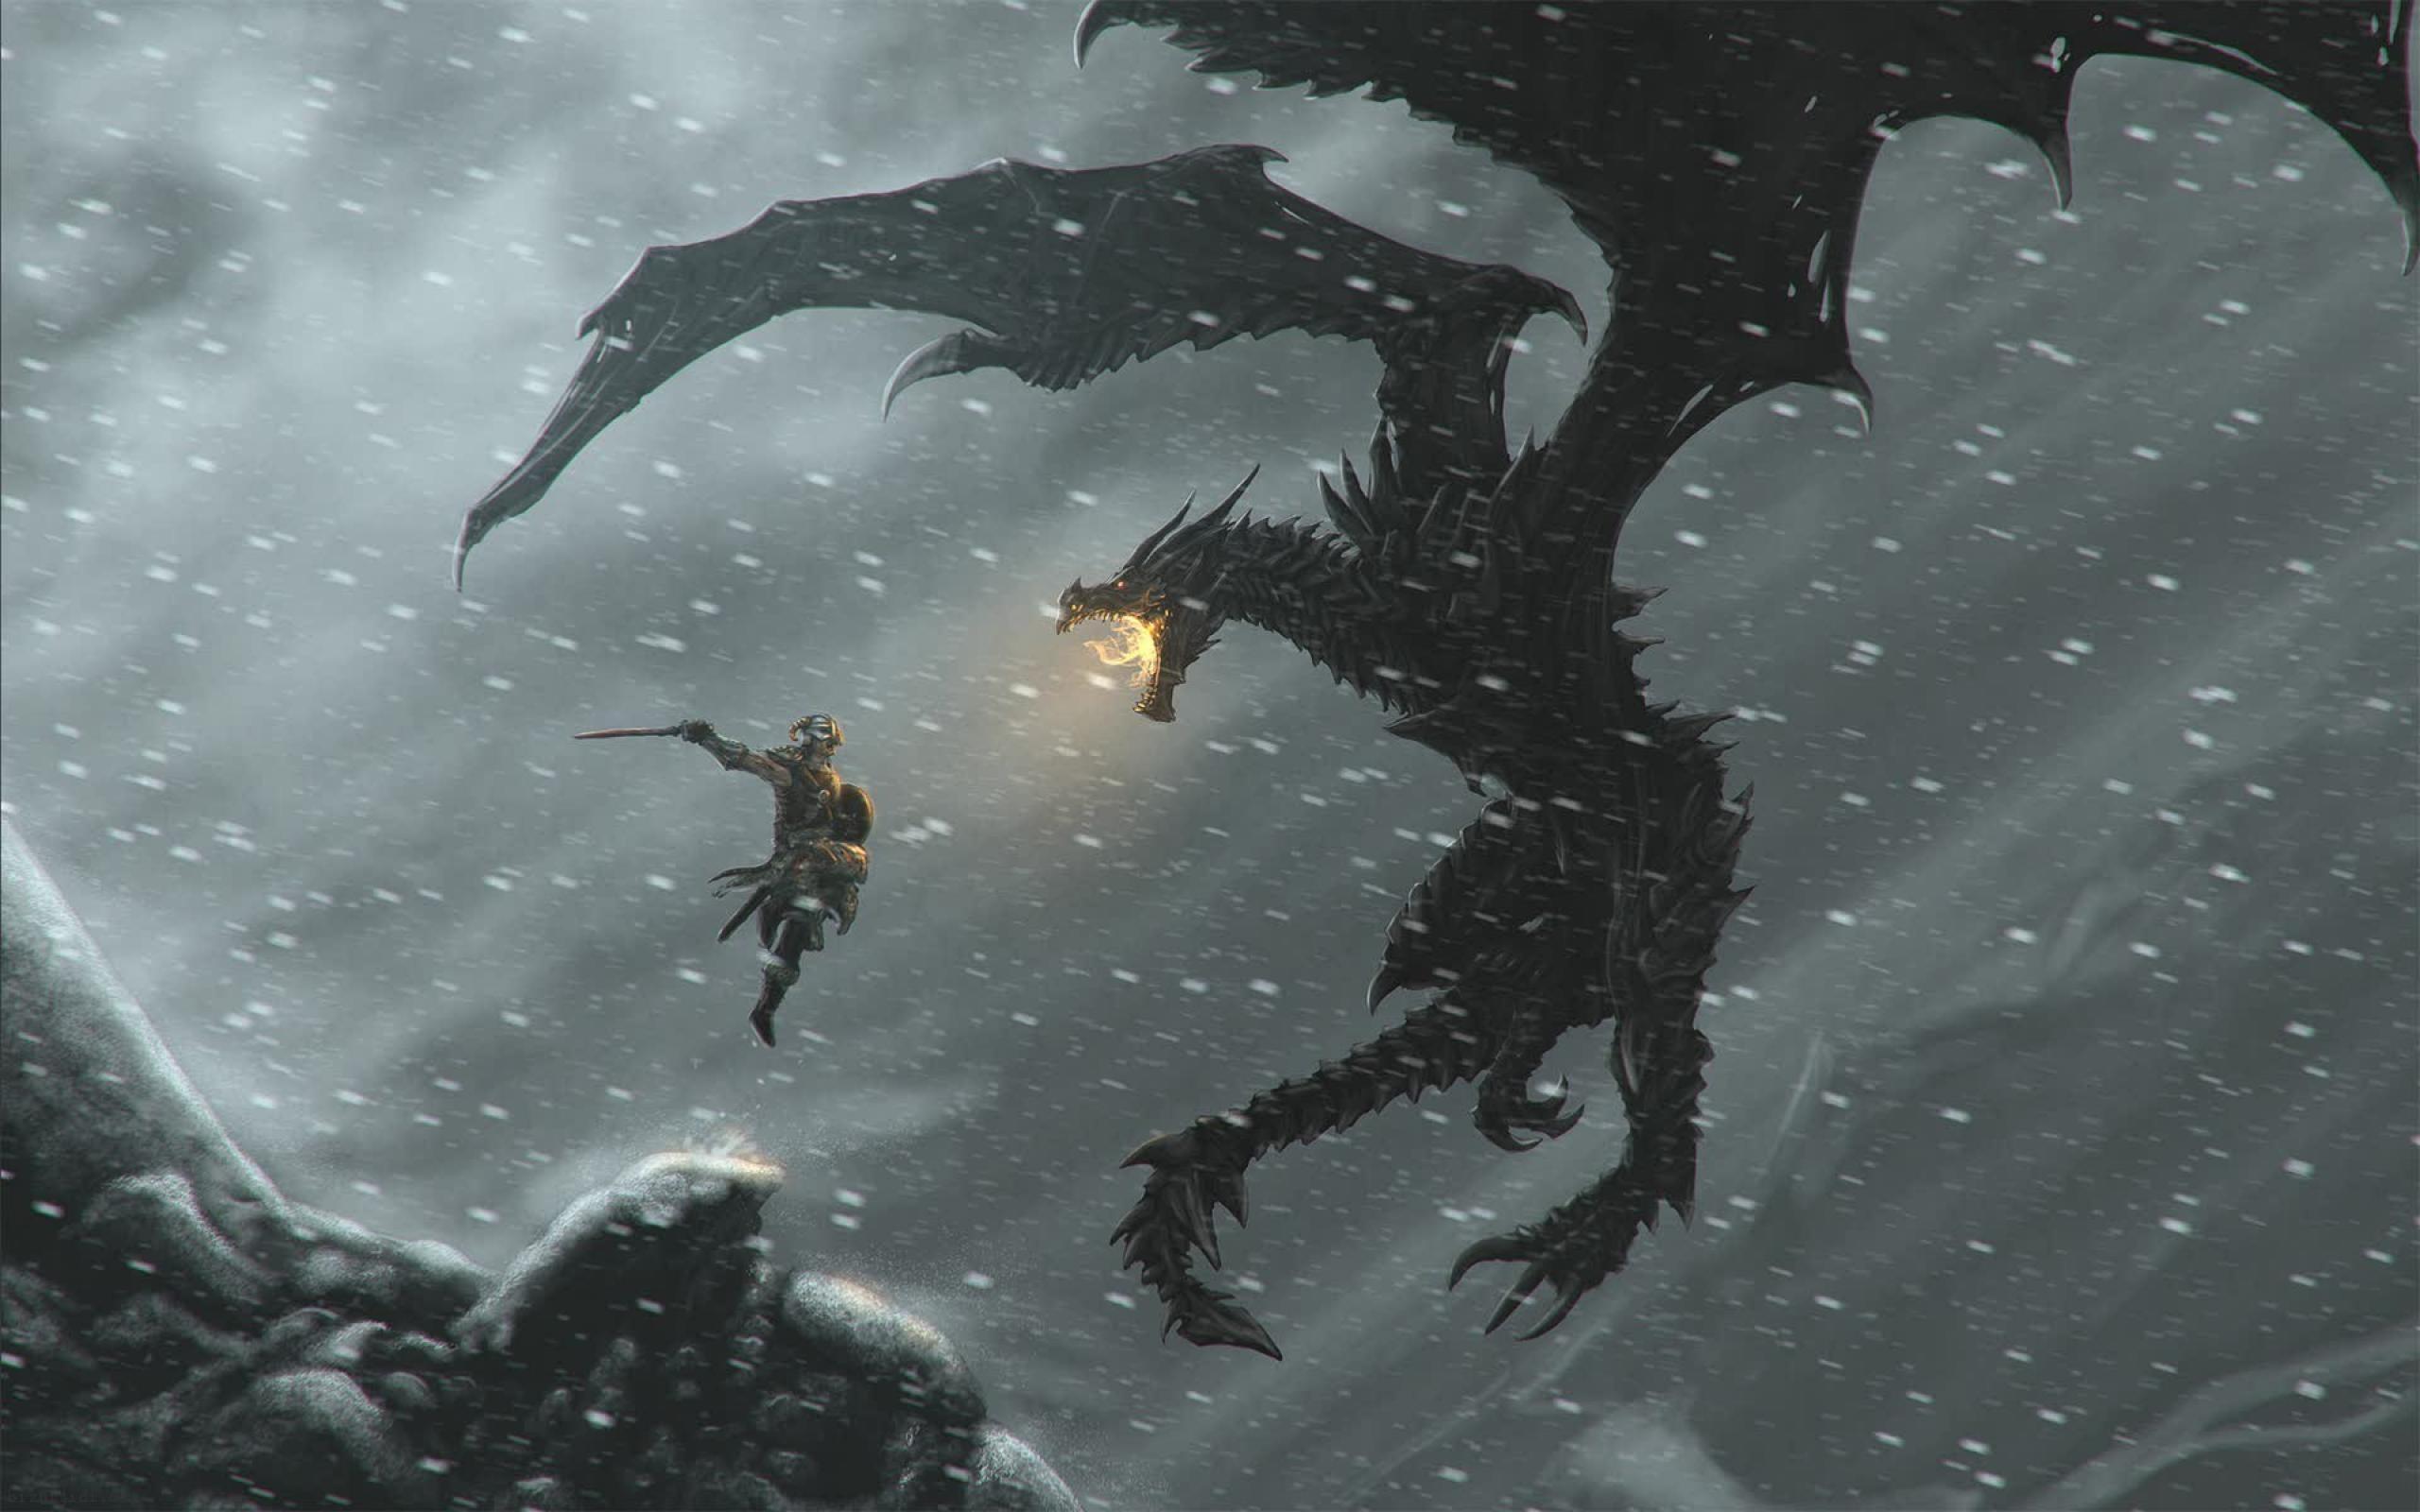 Skyrim Dragon Wallpapers - Wallpaper Cave